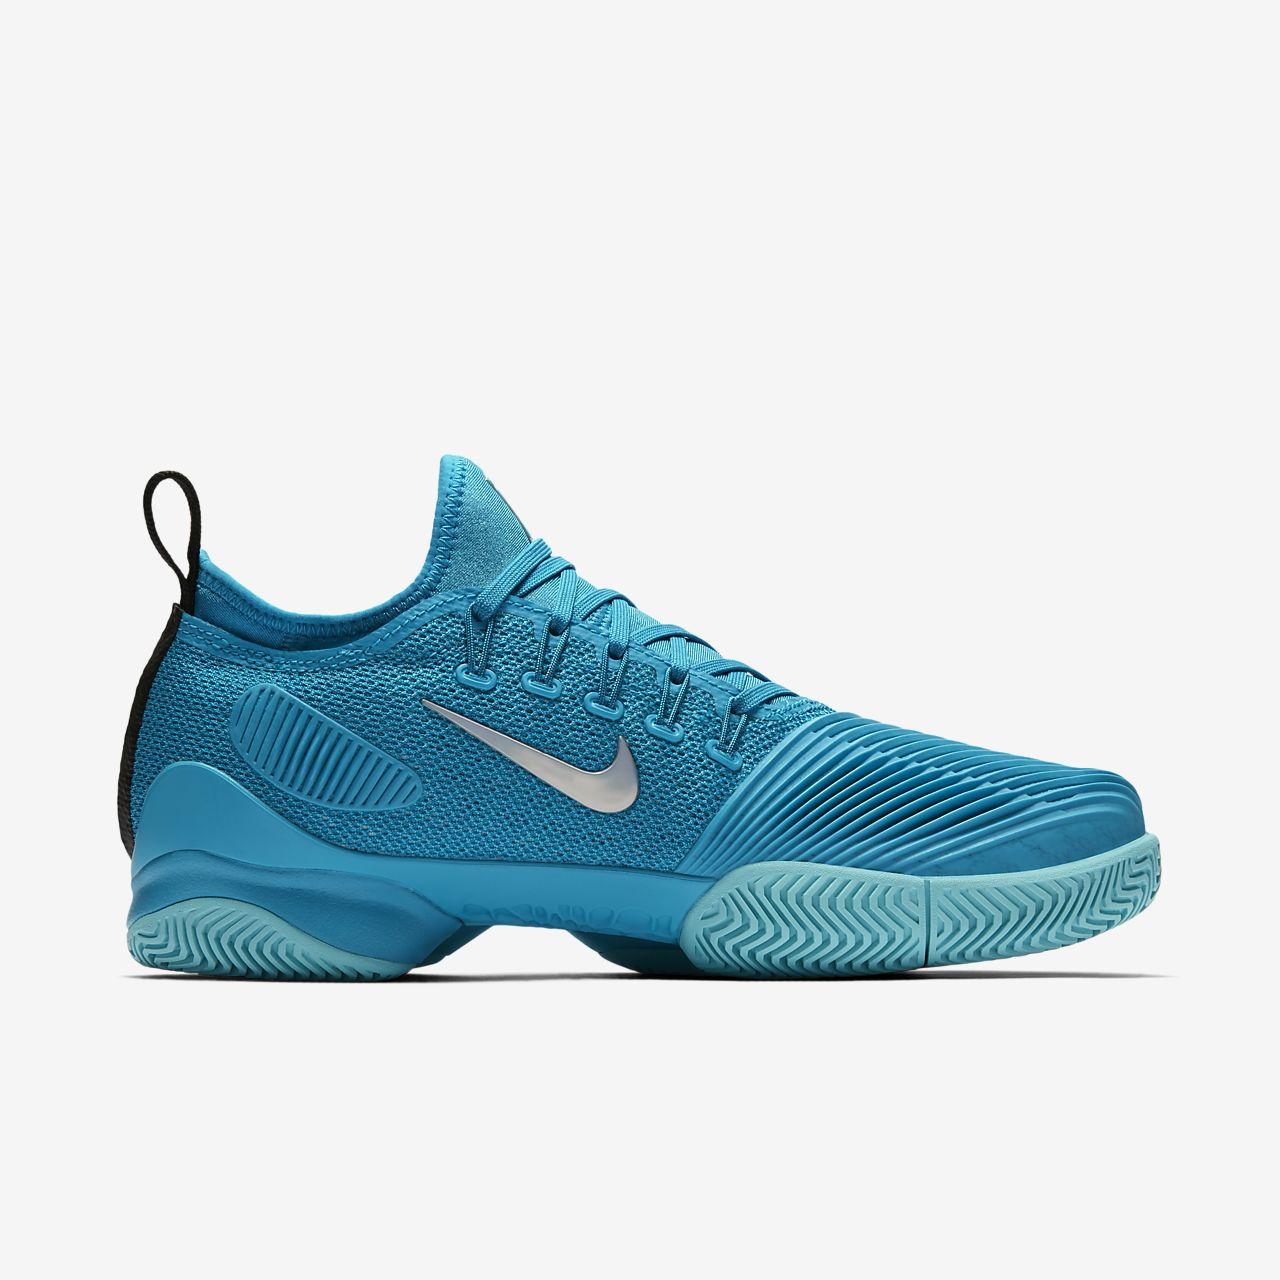 NikeCourt Air Zoom Ultra React HC Damen-Tennisschuh - Blau byvL9AX9